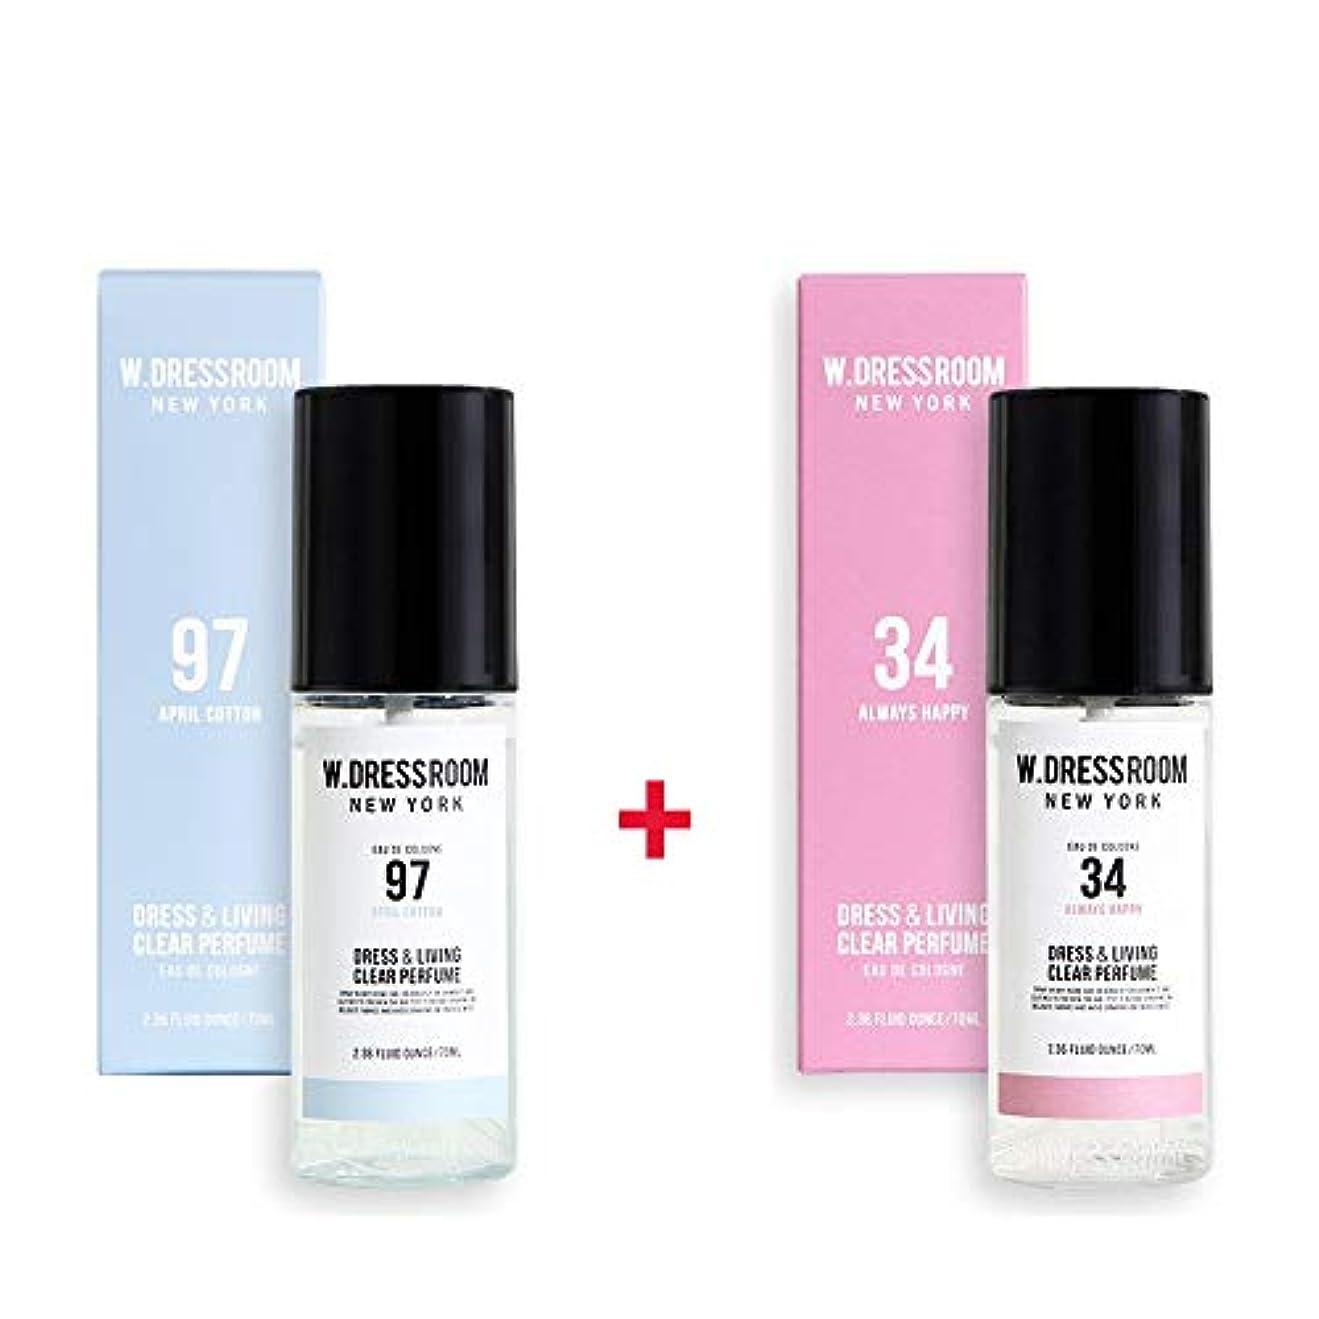 偽善者欺く女将W.DRESSROOM Dress & Living Clear Perfume 70ml (No 97 April Cotton)+(No 34 Always Happy)